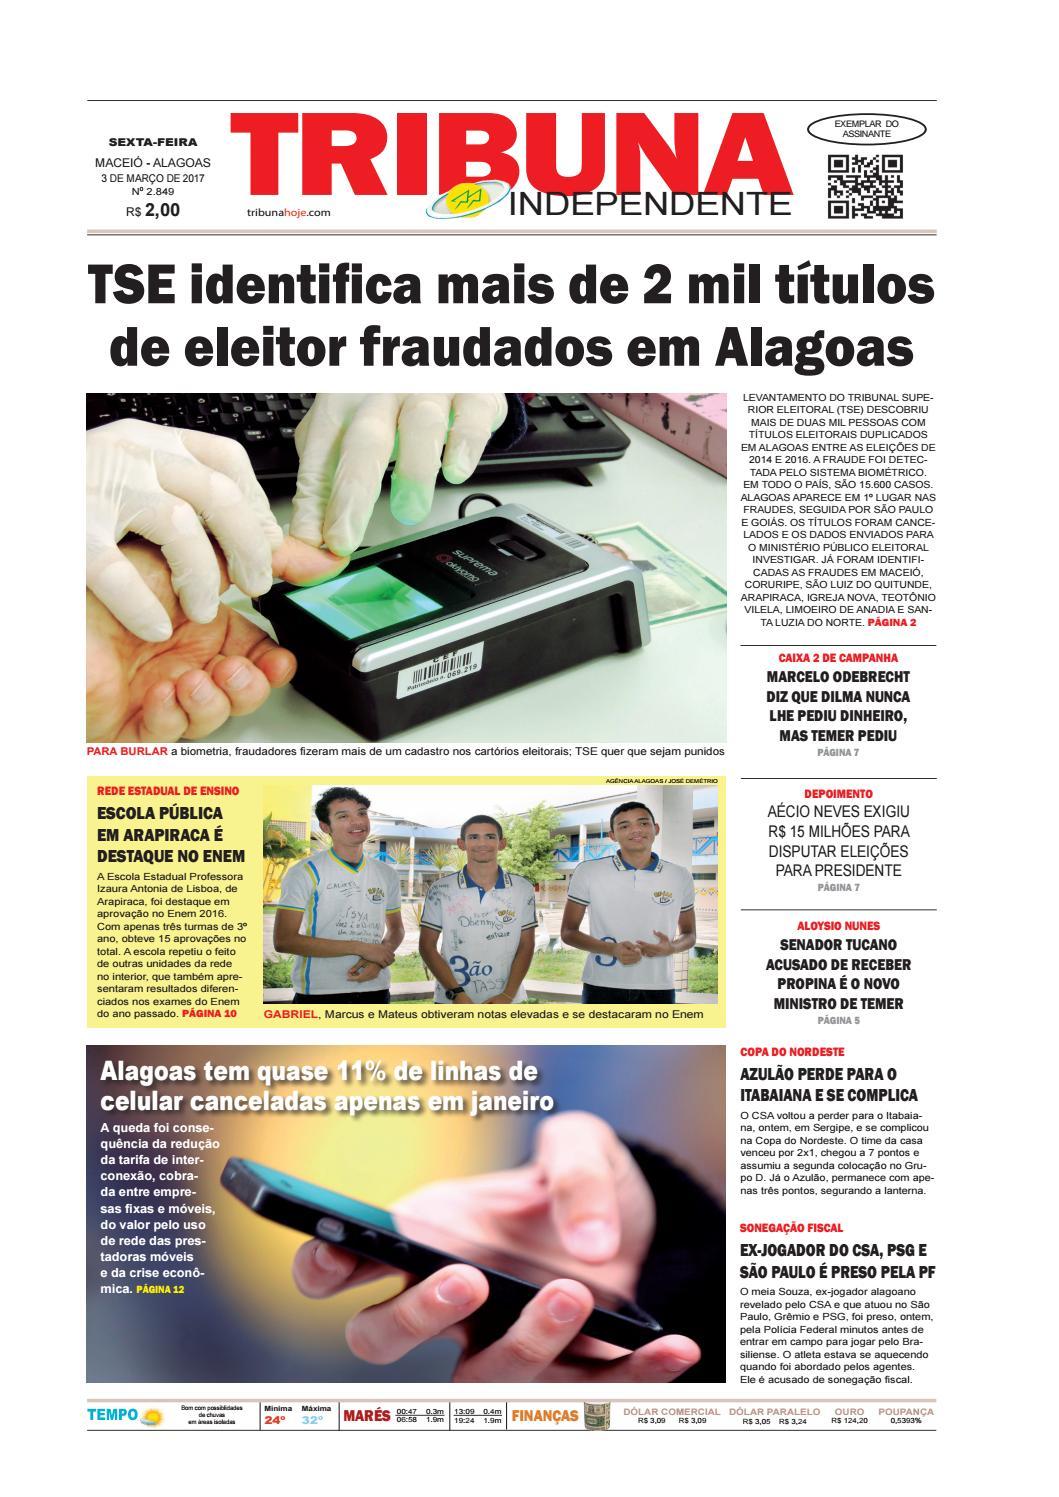 96fe7c228 Edição número 2849 - 3 de março de 2017 by Tribuna Hoje - issuu